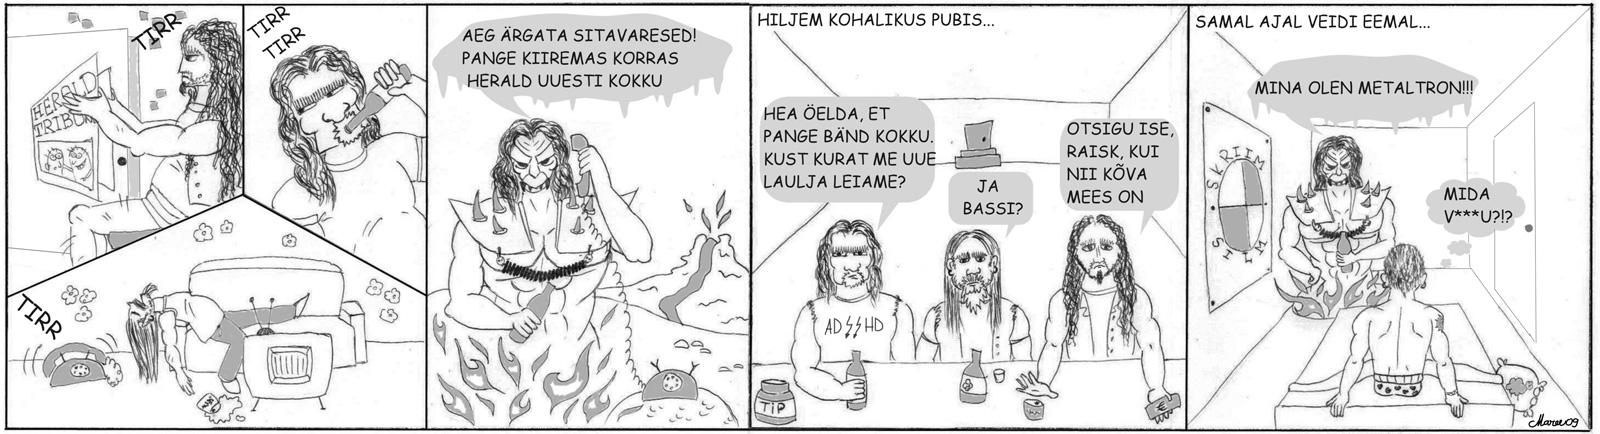 Heraldi koomiks nr 1